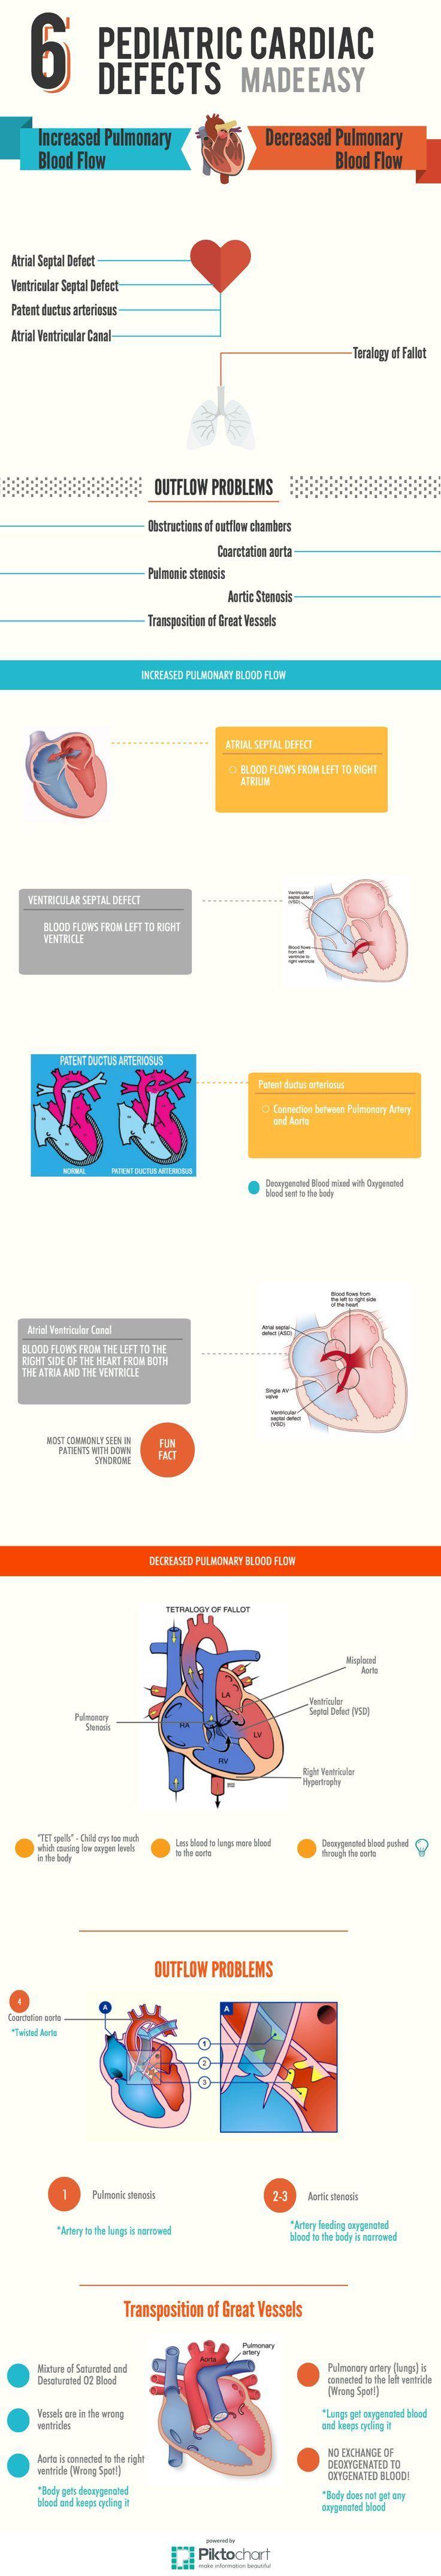 Pediatric Cardiac Defects. Nursing School